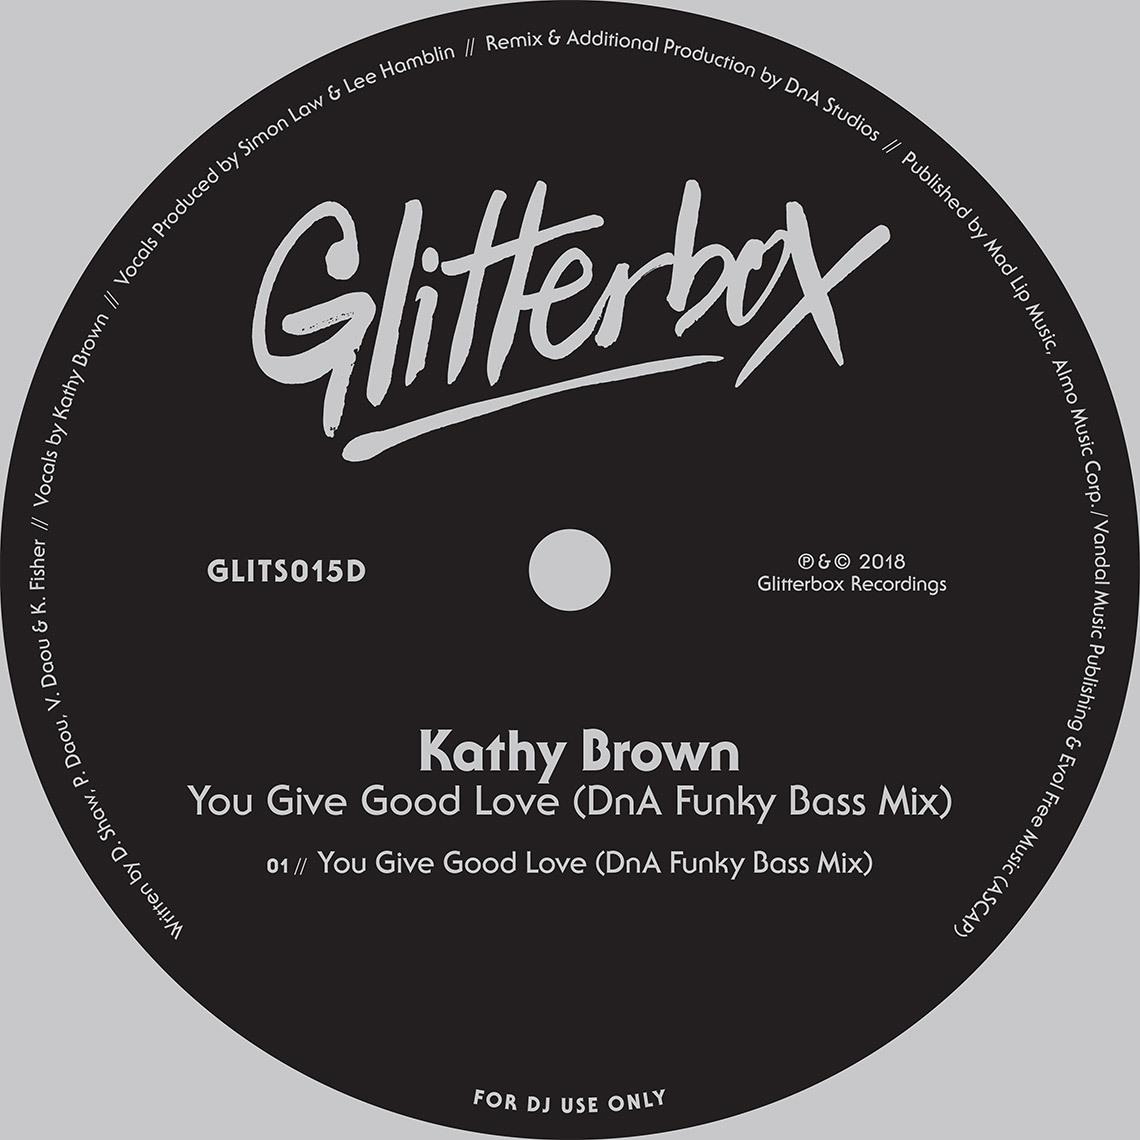 Kathybrown